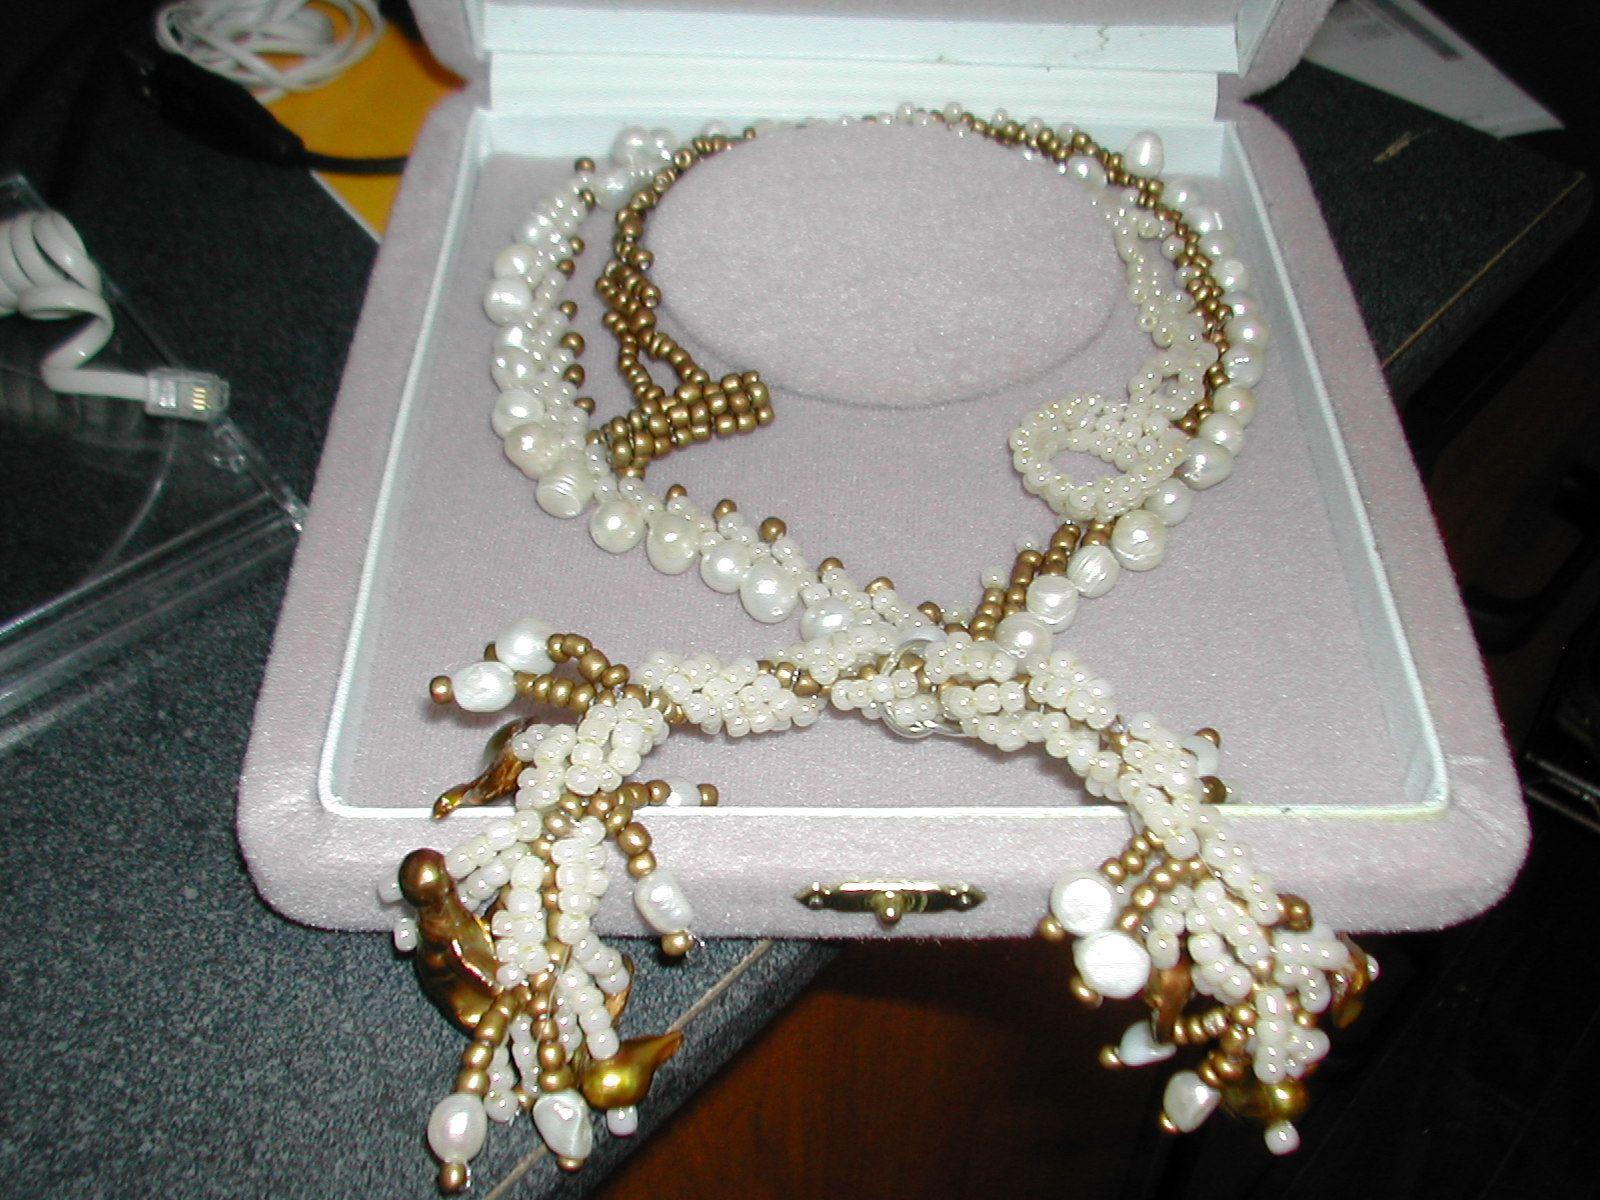 Collar largo en St. petesburgo stitch, con perlas y chaquiras y ccanutillos.   Una forma diferente de enlazar las perlas..